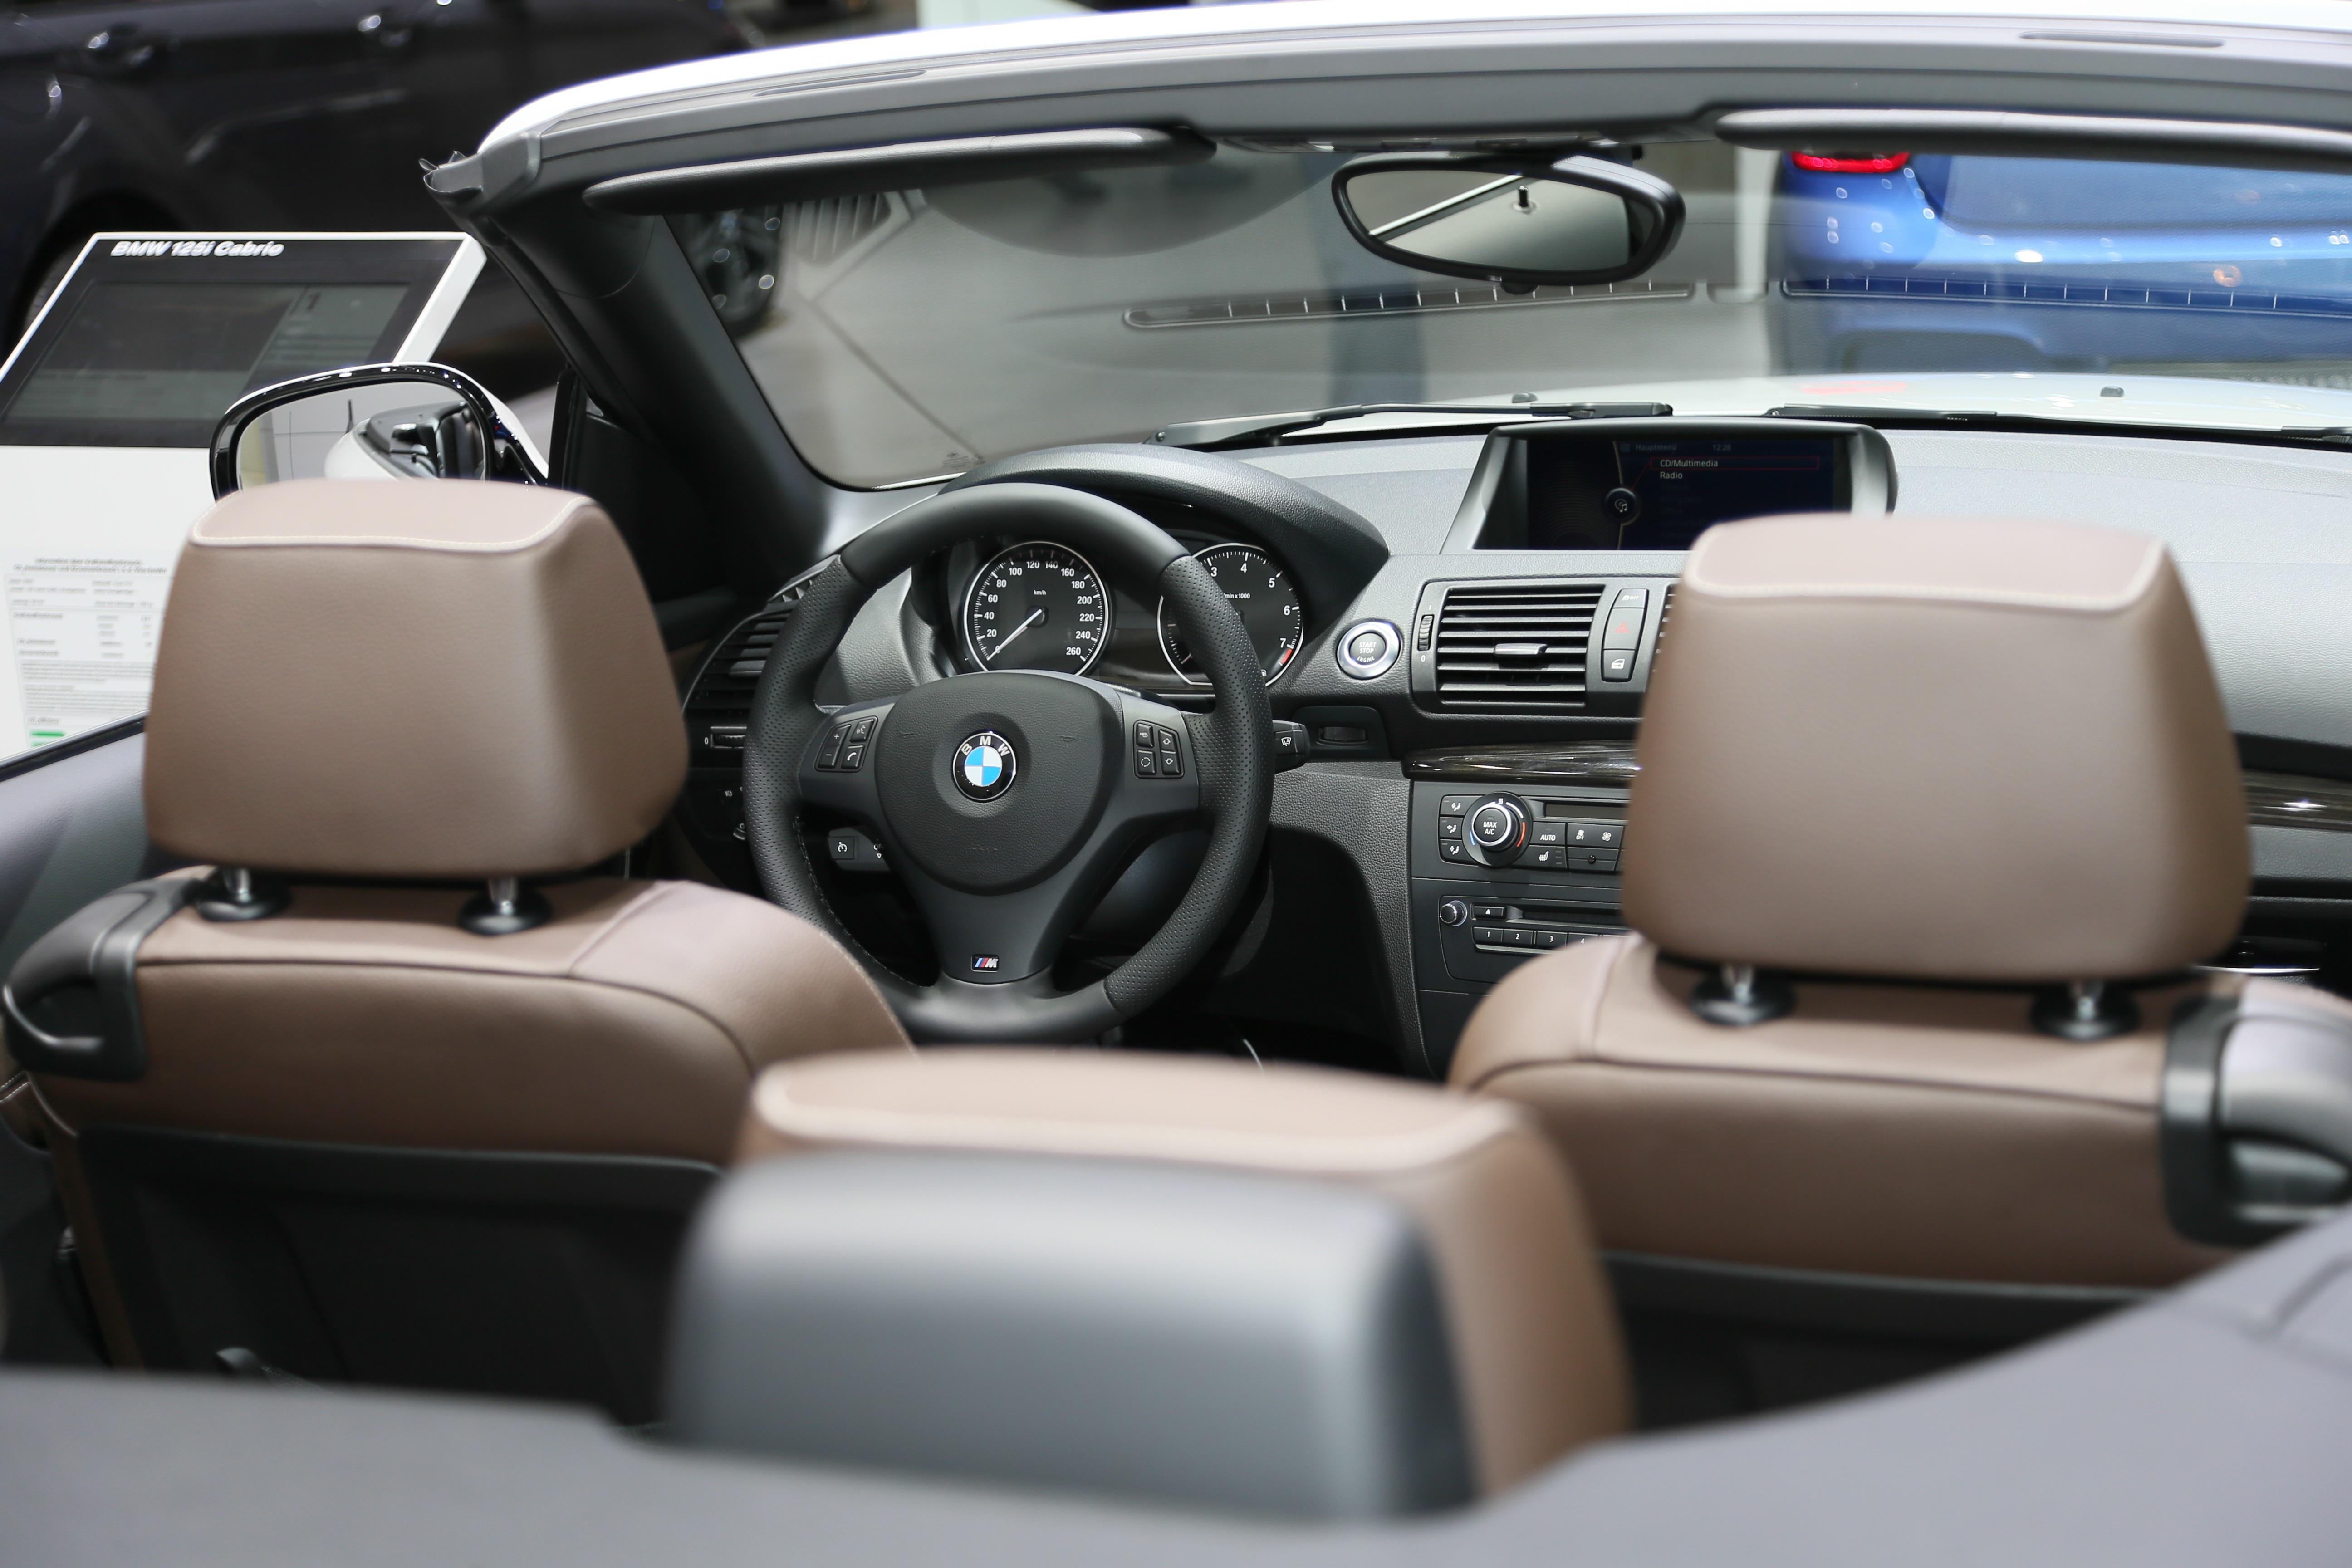 https://mannennieuws.nl/wp-content/uploads/2018/07/BMW-125i-Cabrio.jpg